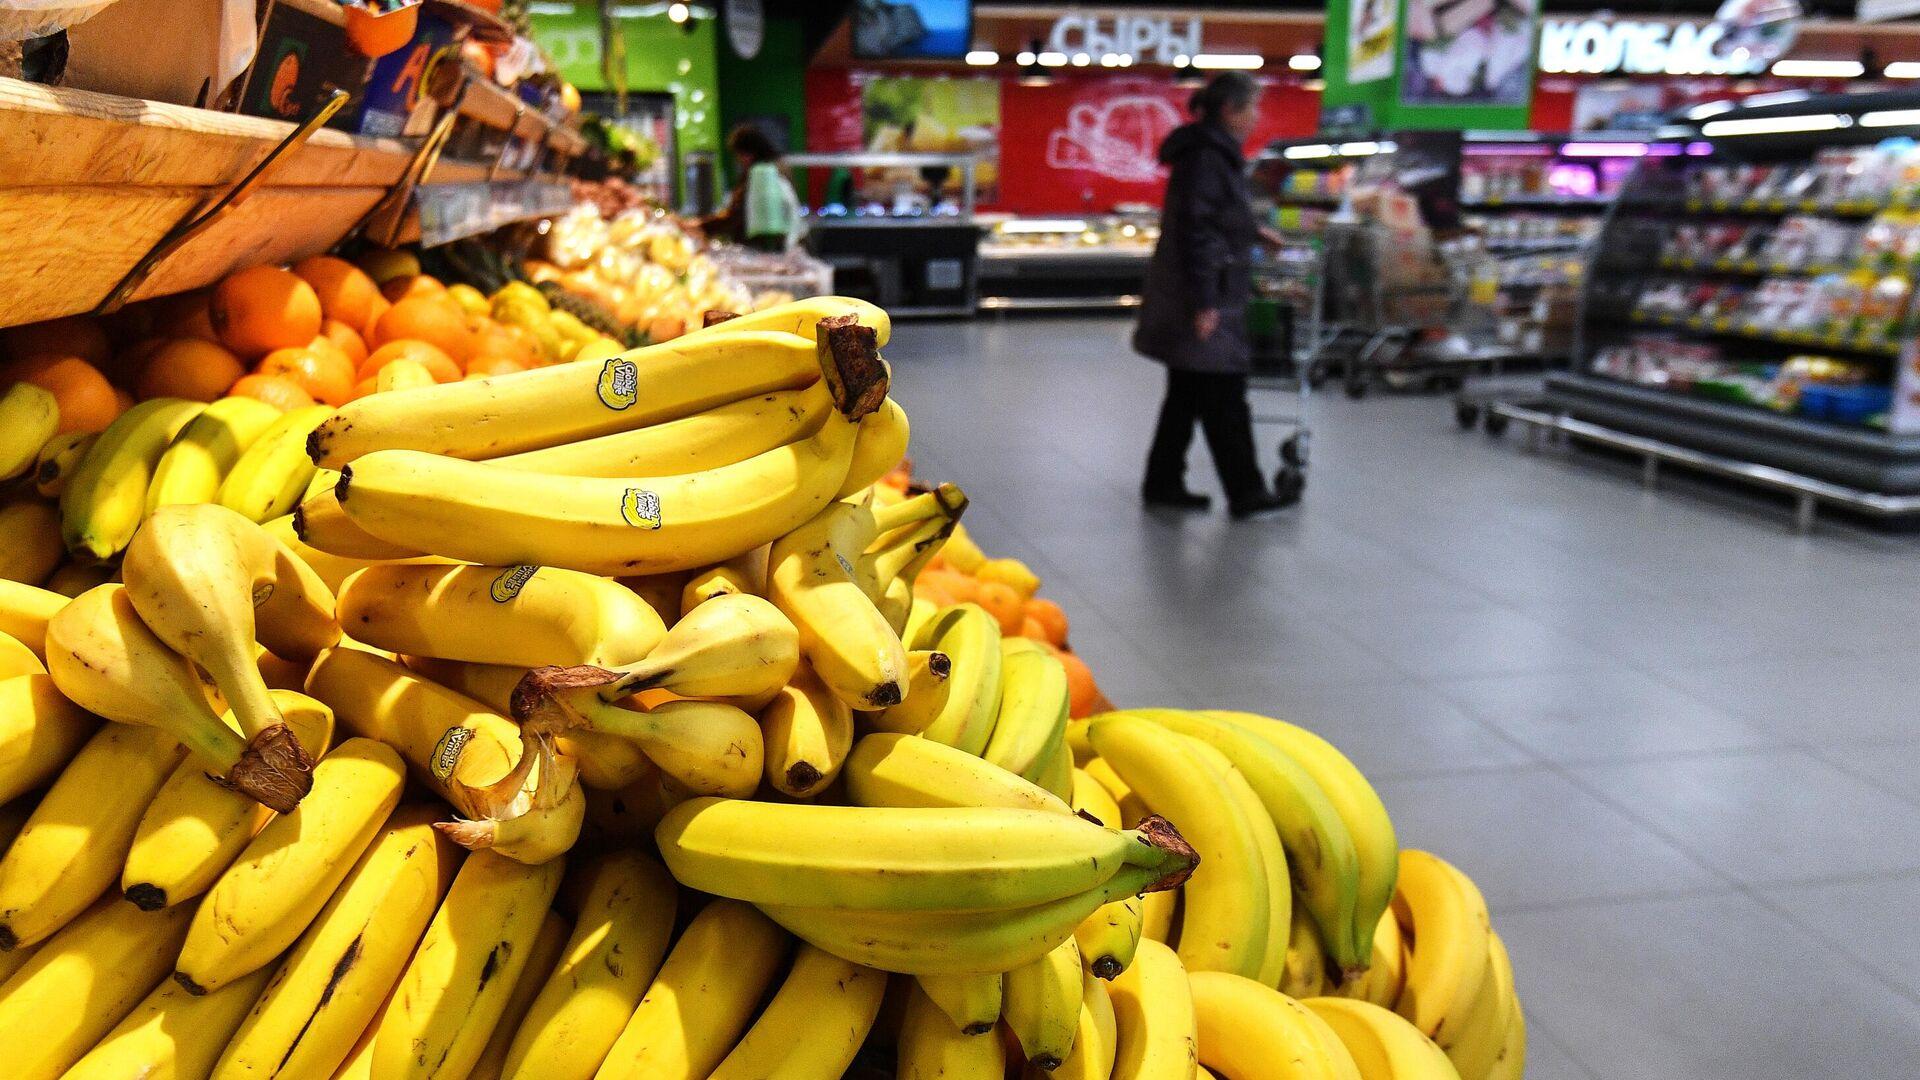 Прилавок с бананами в супермаркете в Москве - РИА Новости, 1920, 13.04.2021